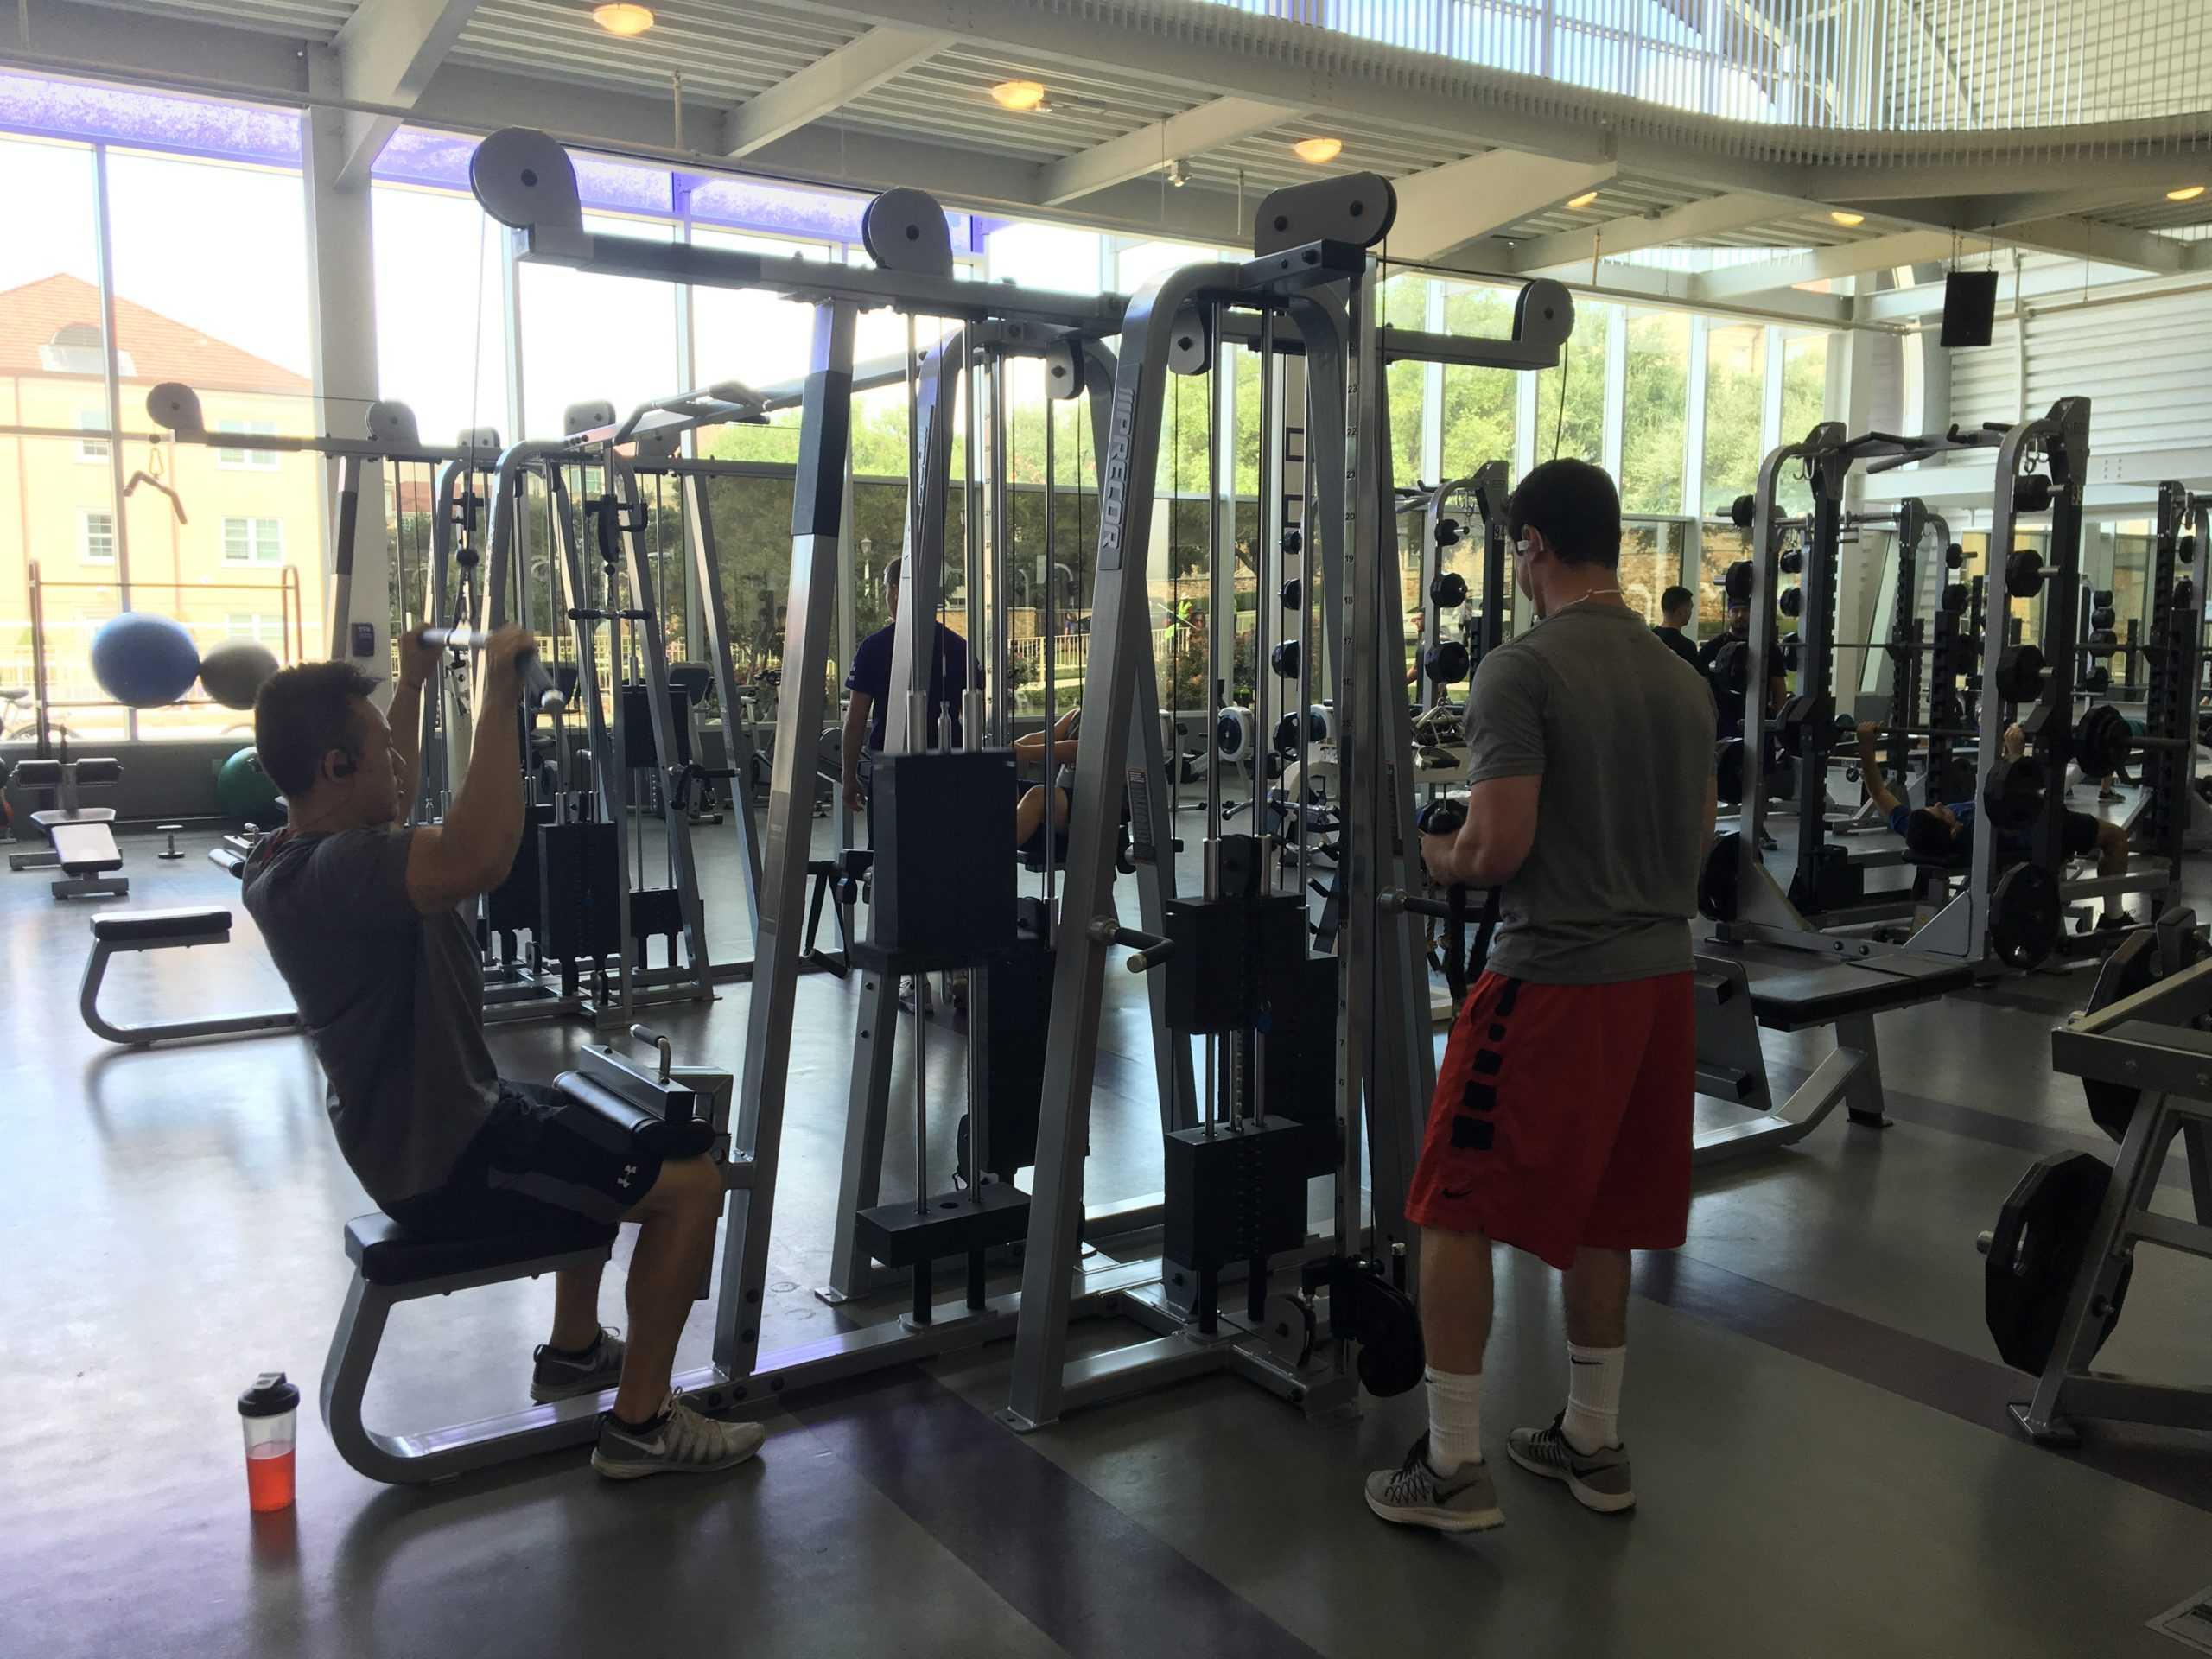 Rec makes improvements over summer tcu